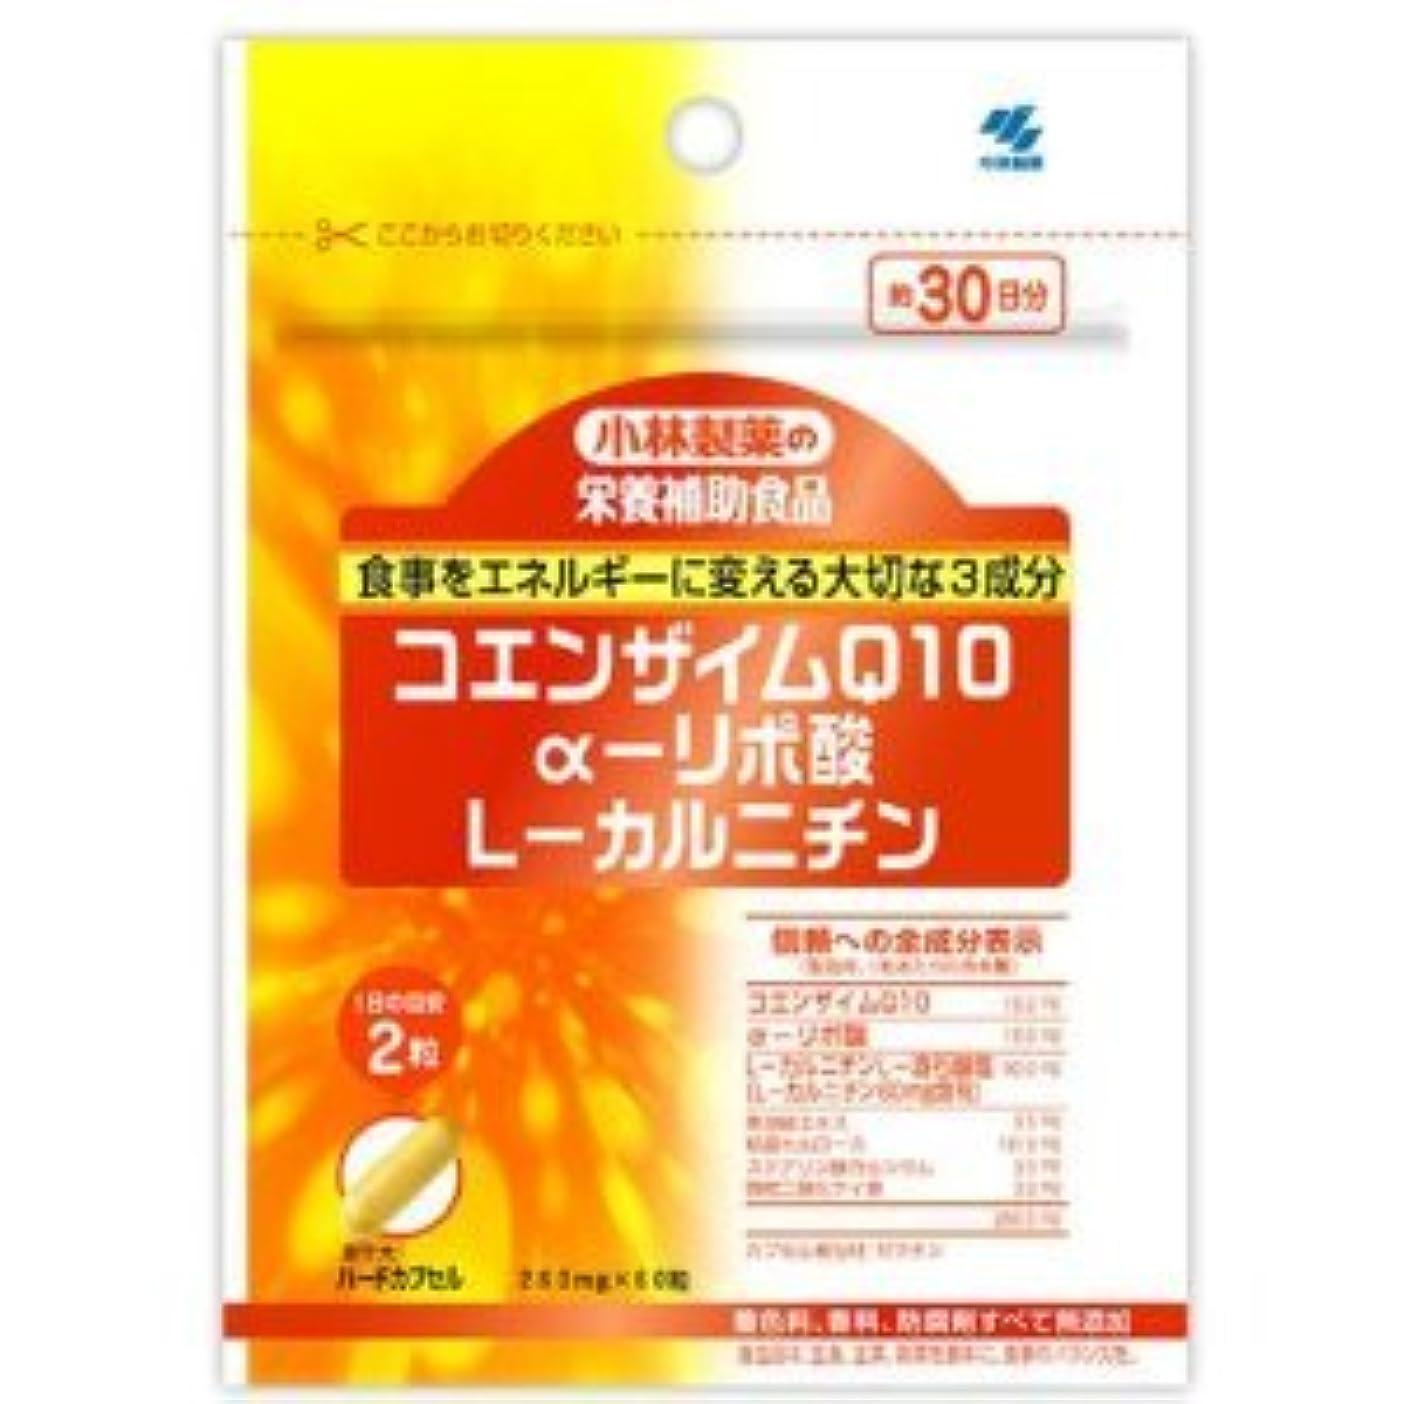 ブラウンインク動脈小林製薬の栄養補助食品 コエンザイムQ10 αリポ酸 L-カルニチン 60粒 3個セット